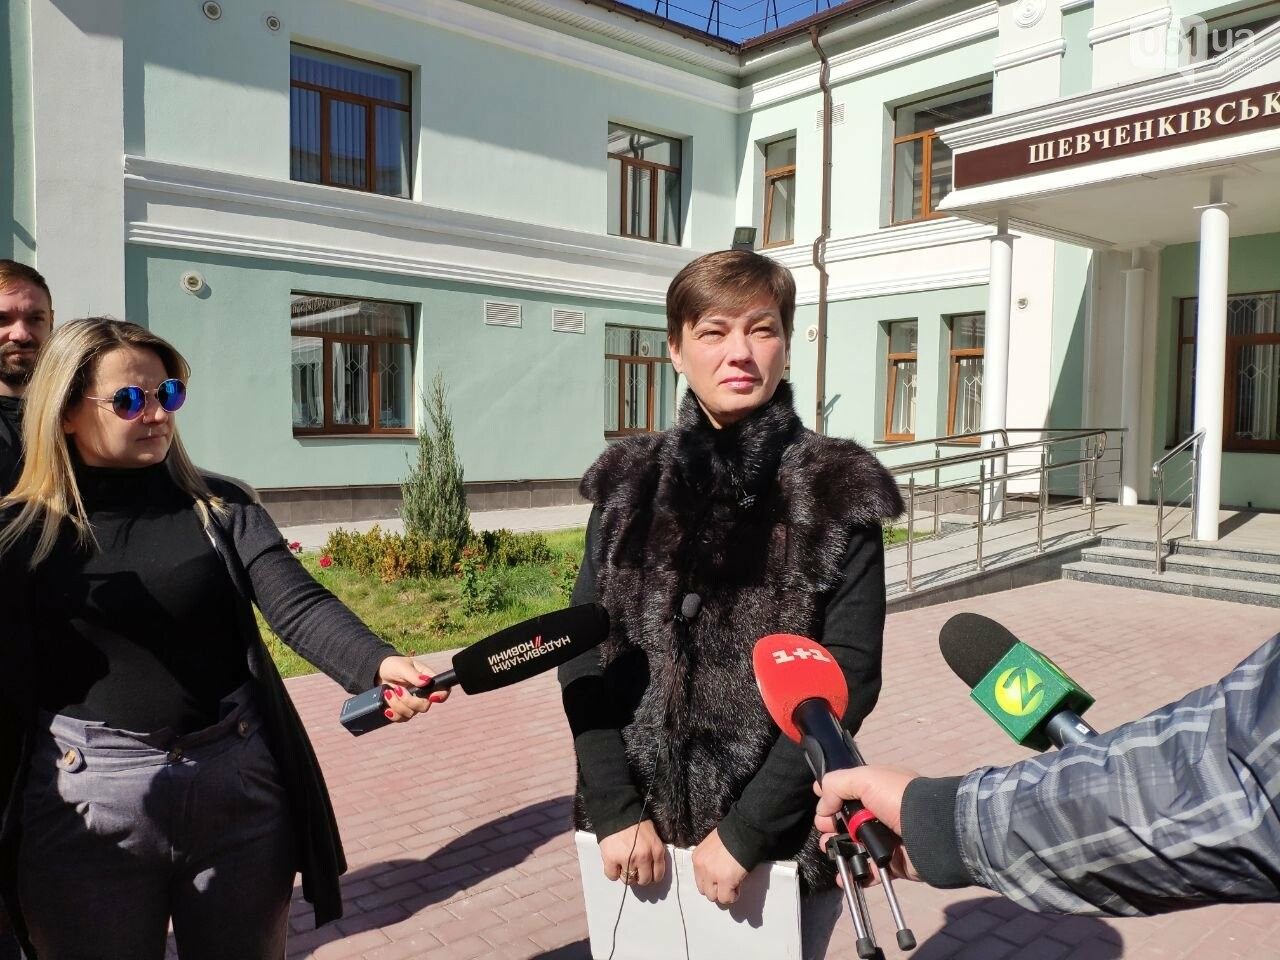 В день, когда гражданский супруг поджег Настю Ковалеву, она выгнала его из дома: репортаж из зала суда, - ФОТО, фото-3